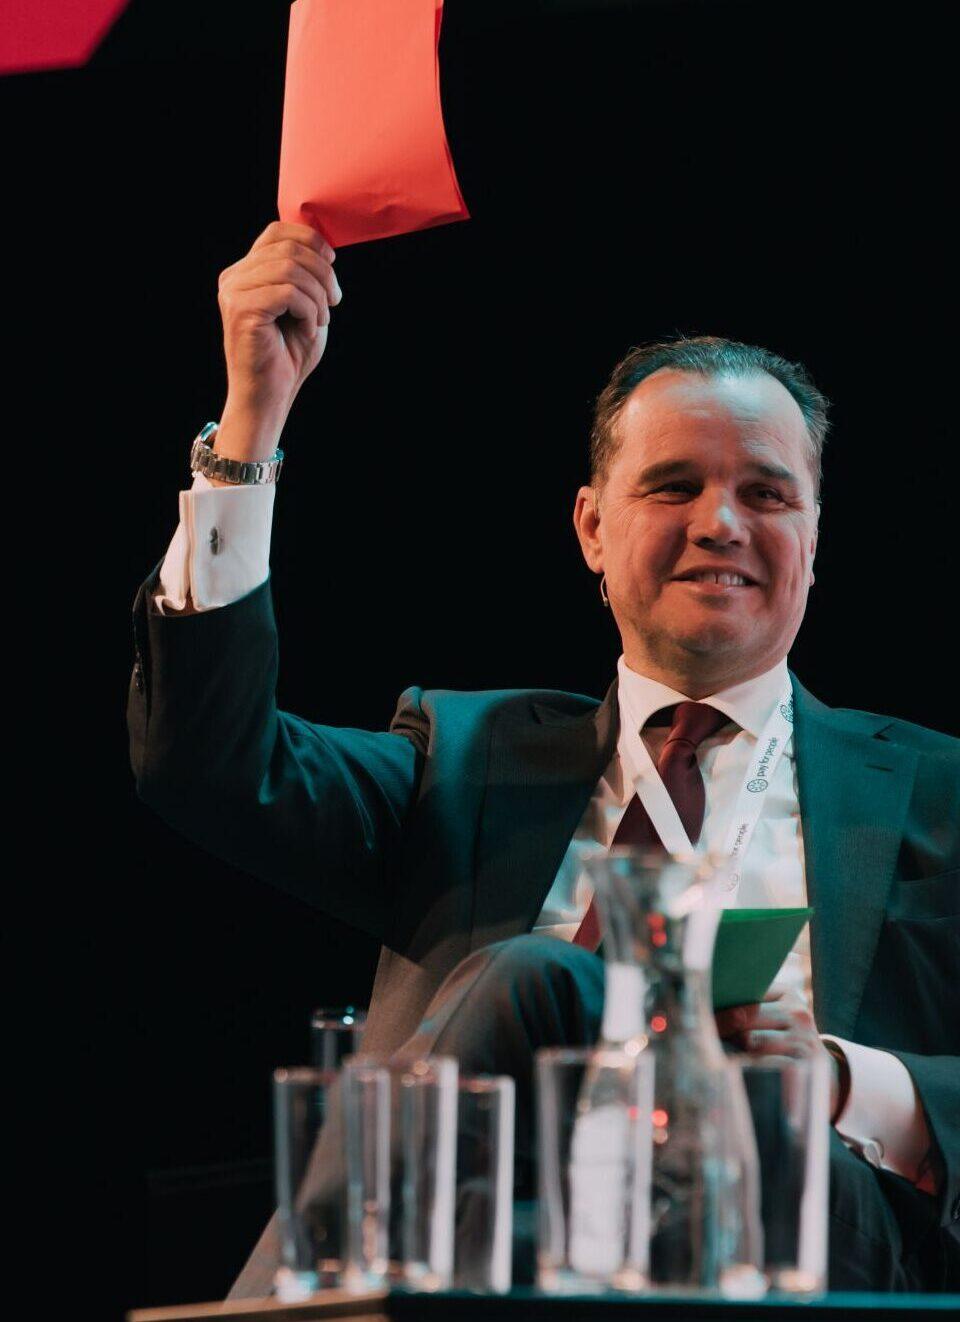 Patrick Bakker tijdensDVDU 2021